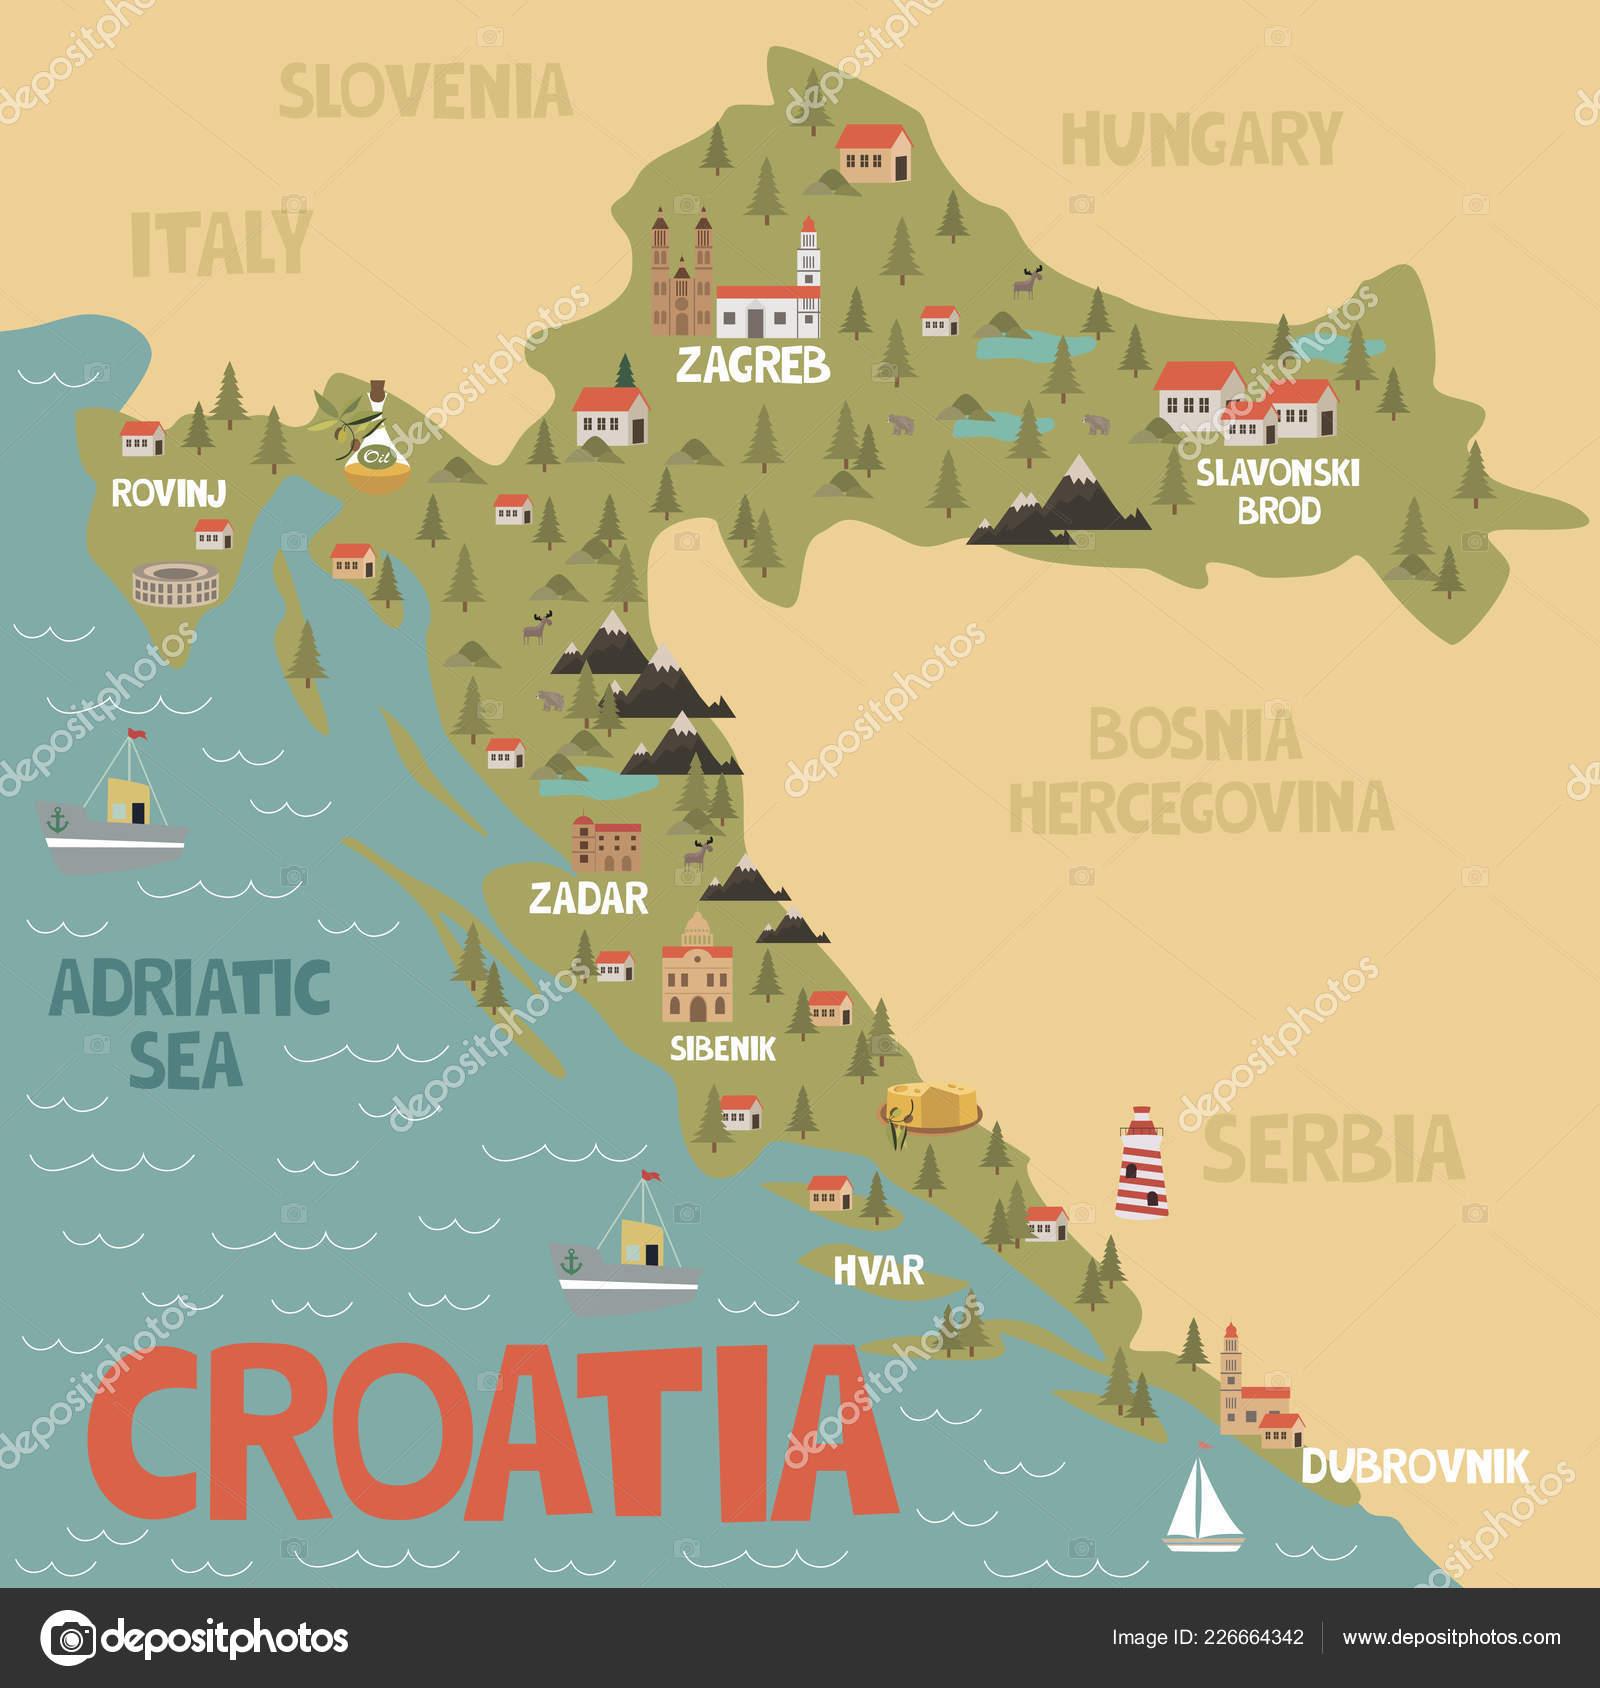 Carte Croatie Telecharger.Carte Illustration Croatie Avec Ville Monuments Nature